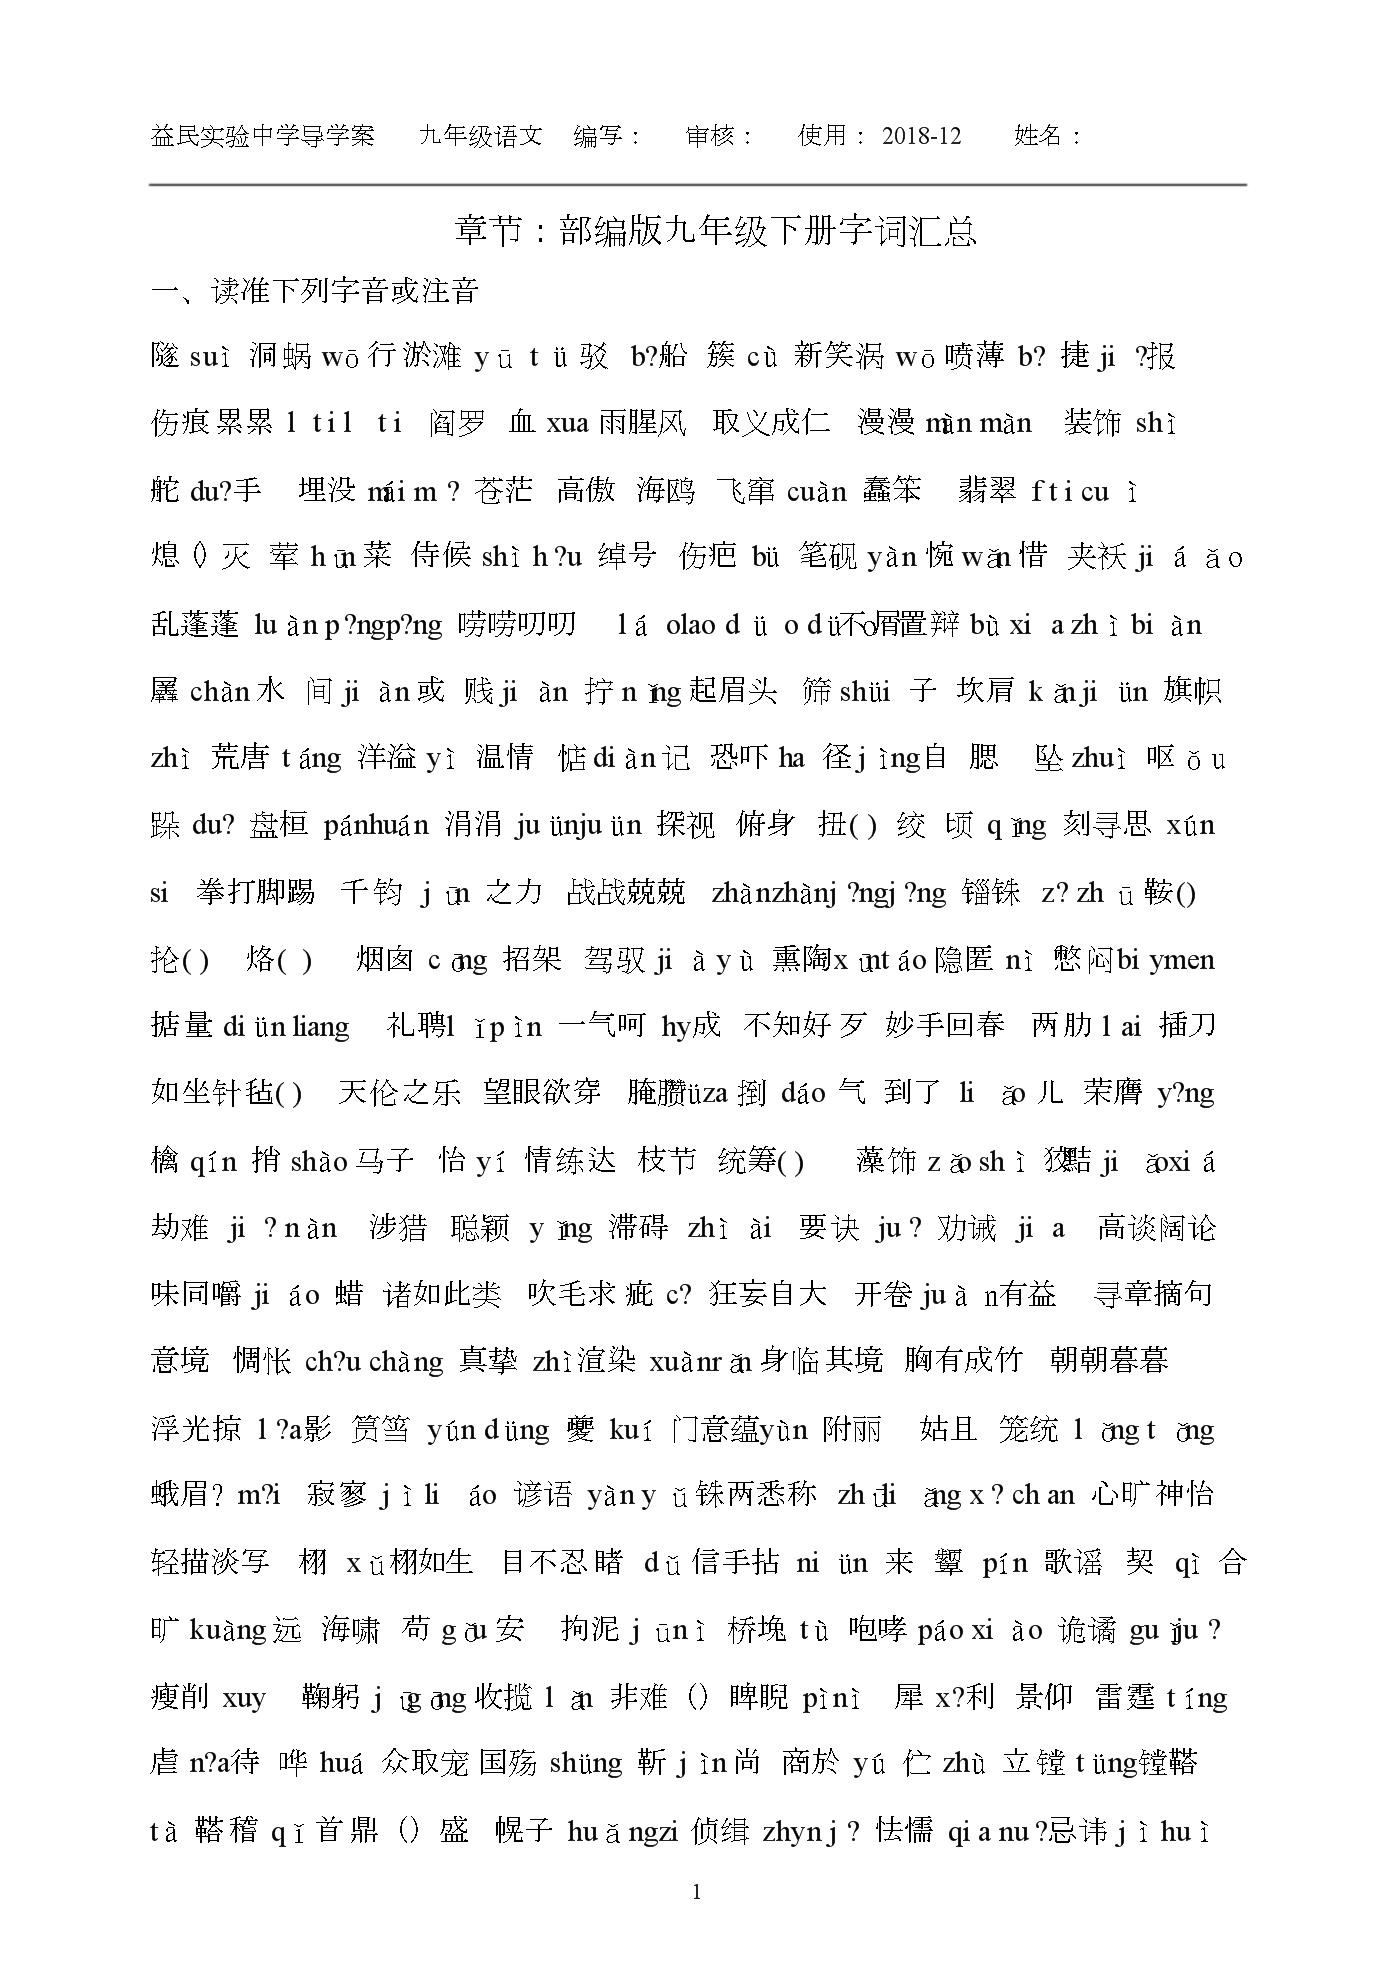 婆娑安九_部编九年级下学期字词与古诗文默写复习.doc